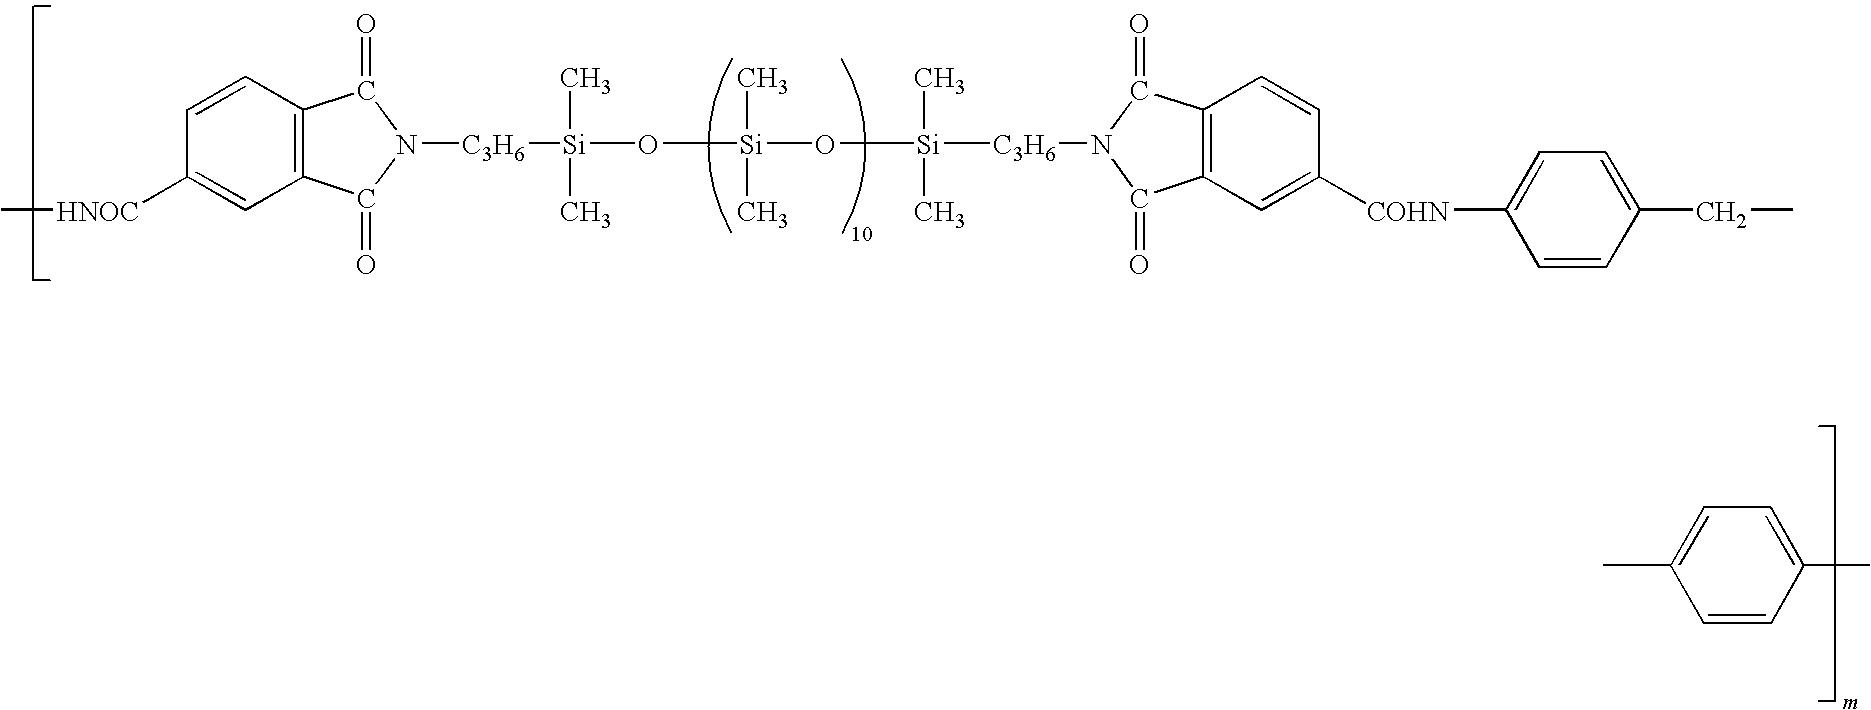 Figure US07592250-20090922-C00001